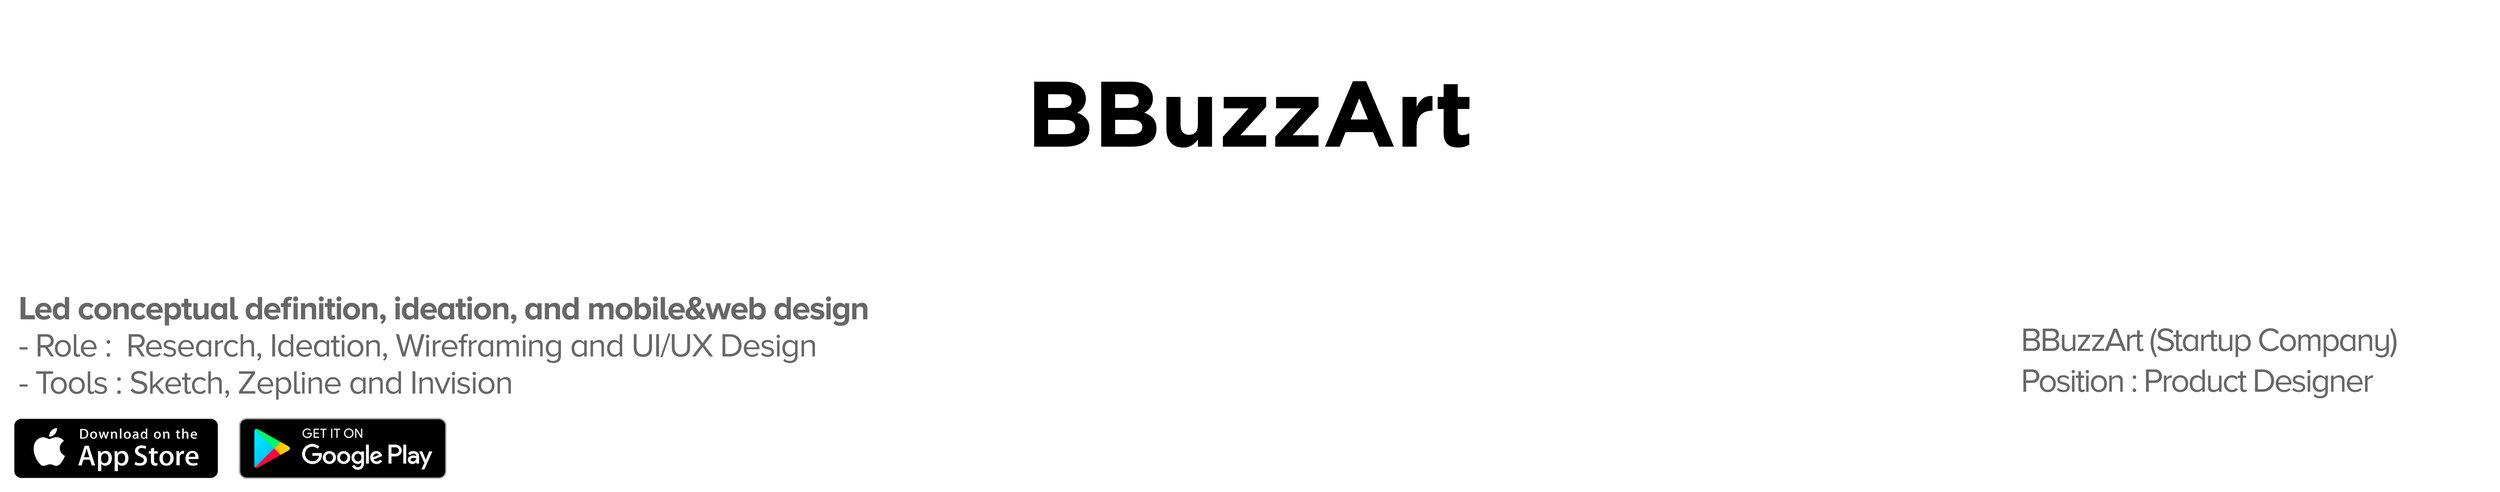 BBuzzArt.jpg